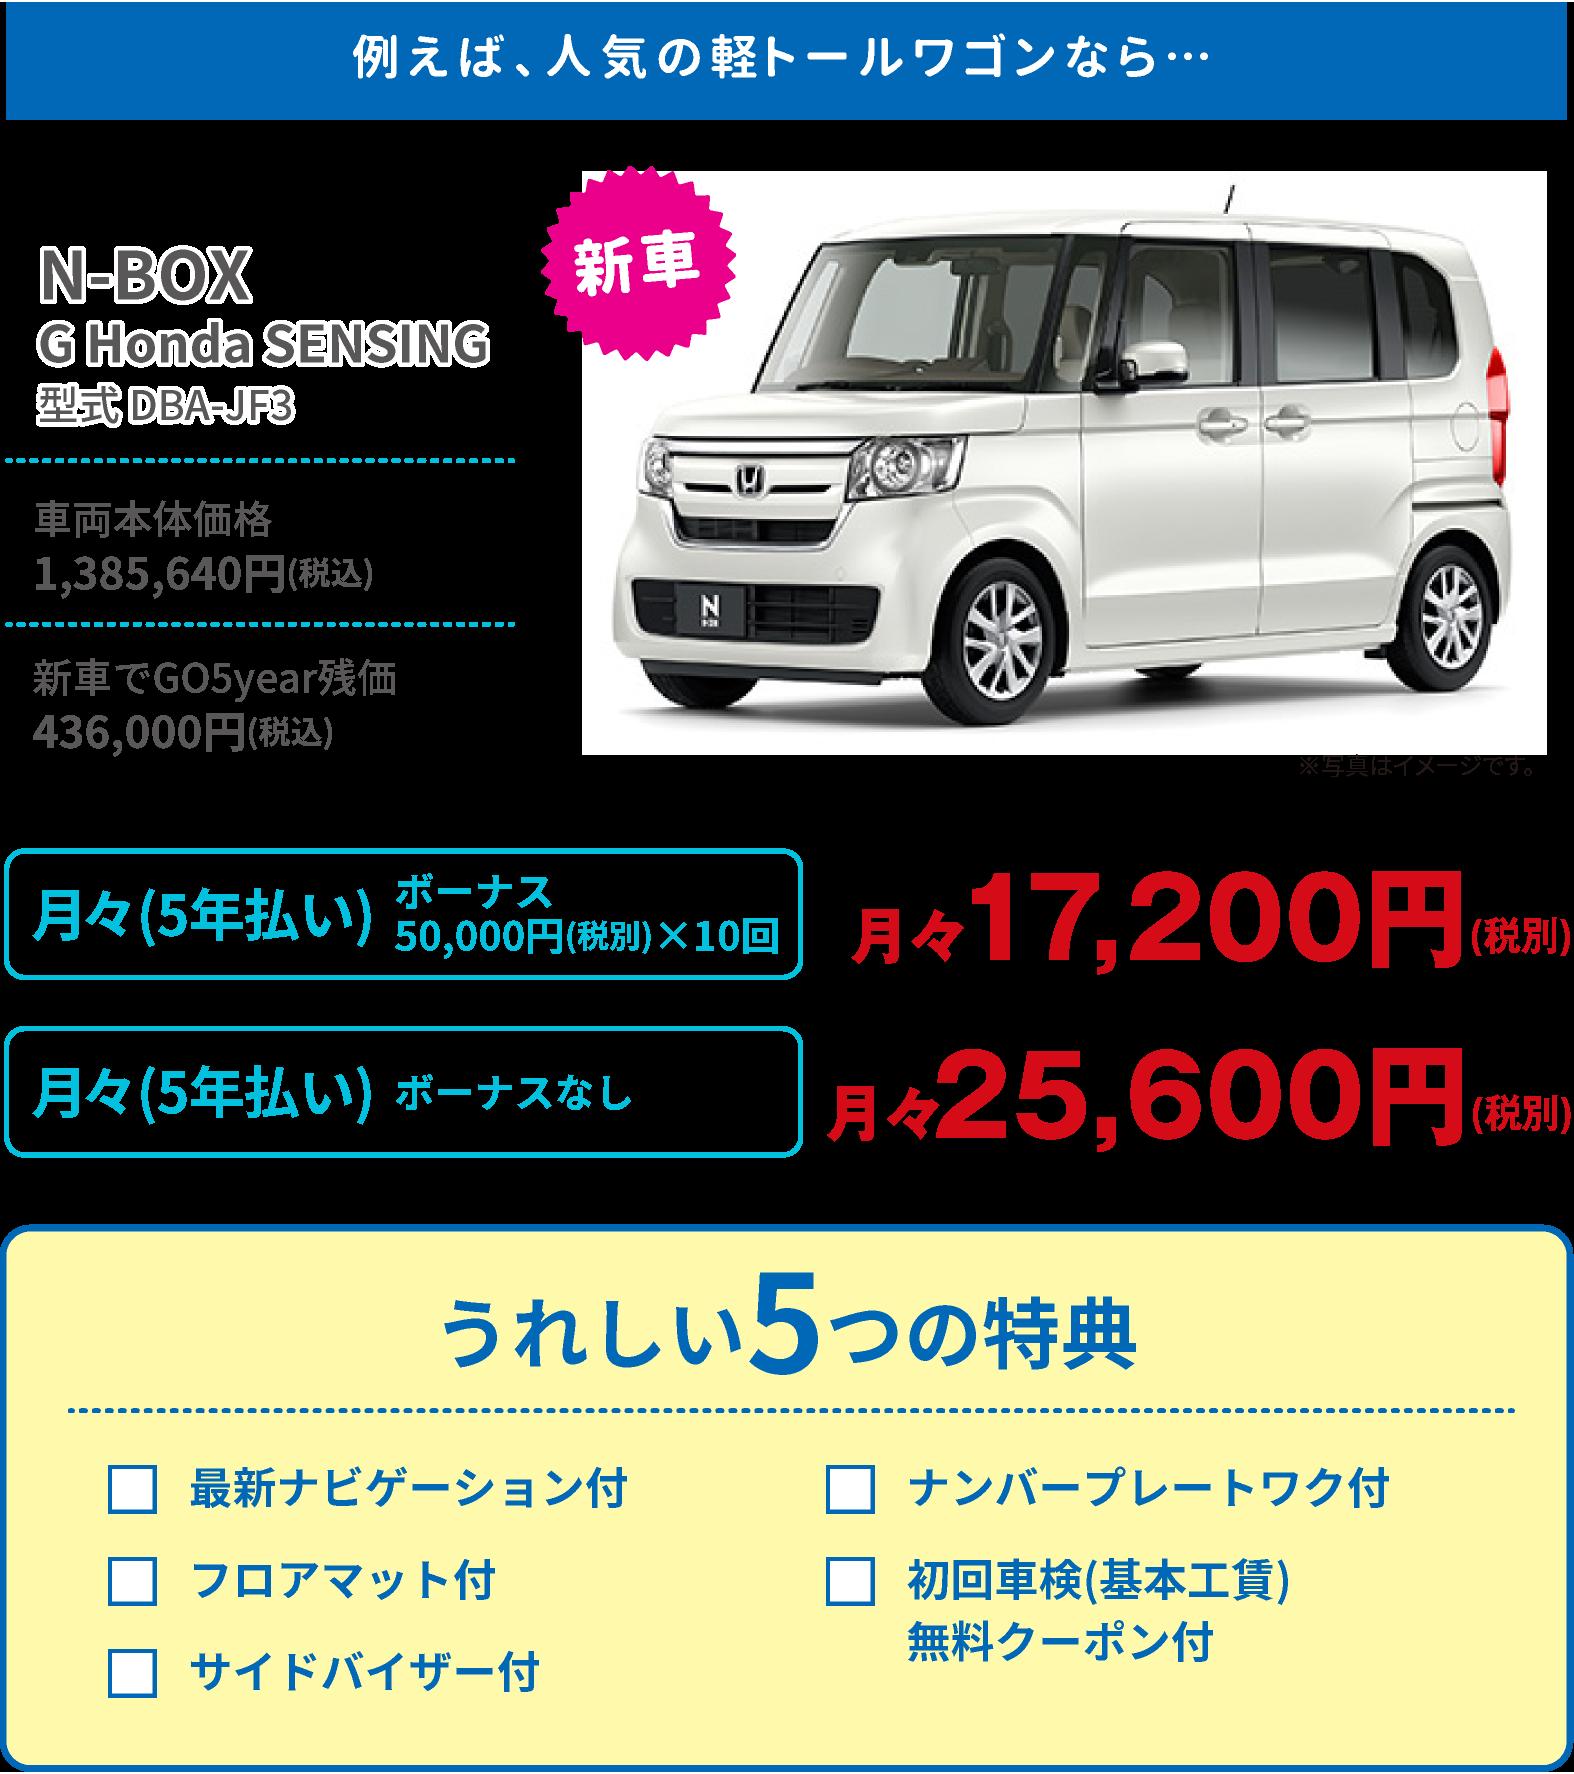 例えば人気の軽トールワゴン N-BOX G Honda SENSINGなら…月々17,200円(税別)(5年払い)ボーナス50,000円(税別)x10回、月々25,600円(税別)(5年払い)ボーナスなし